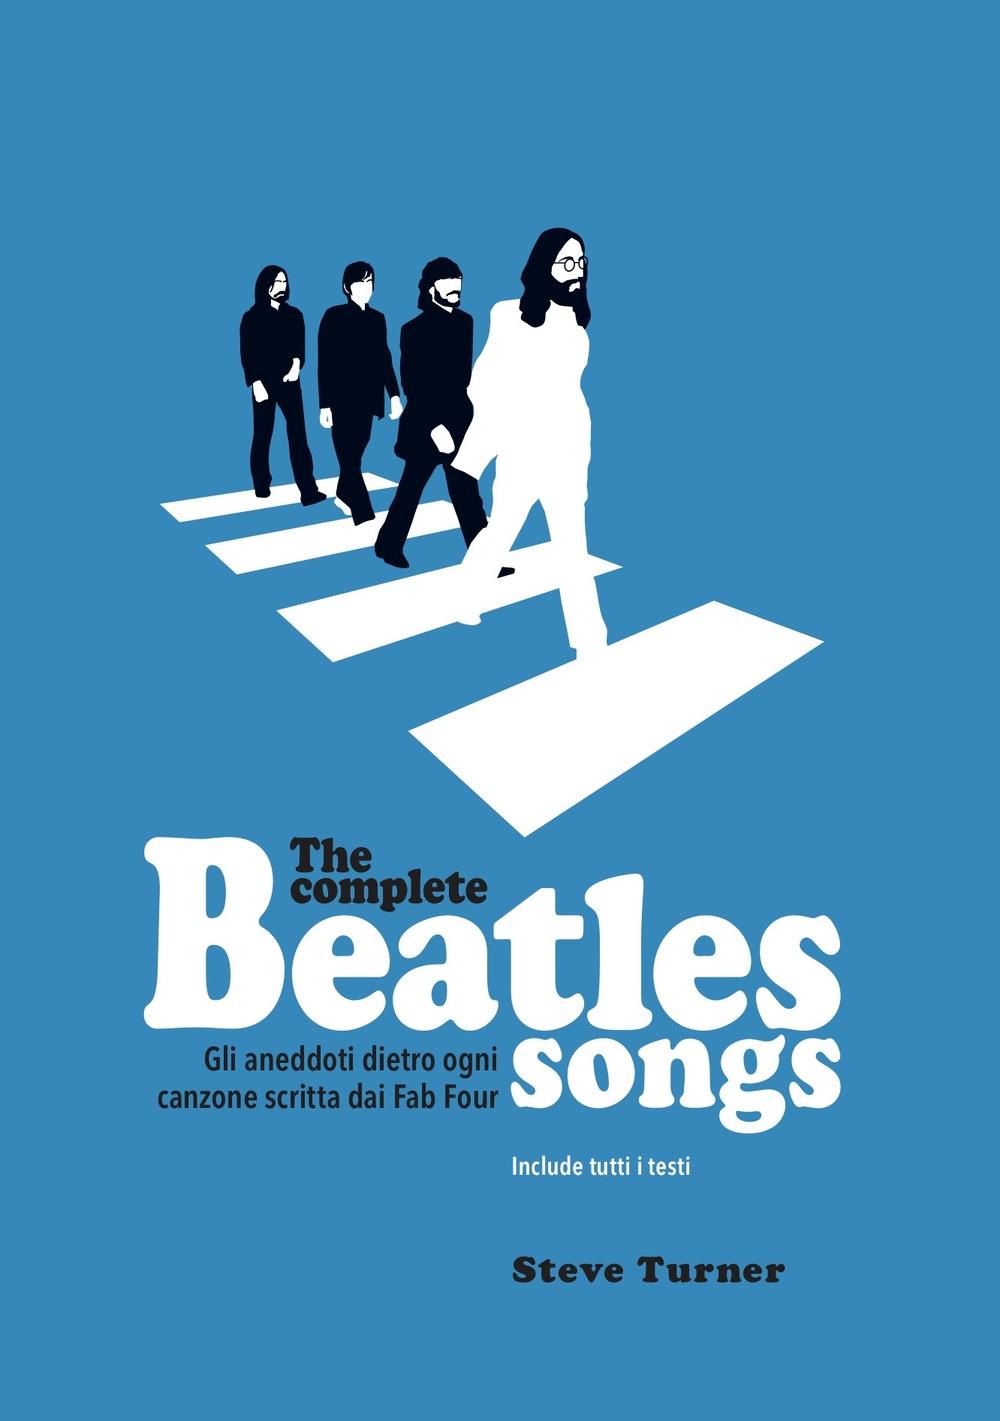 The complete Beatles songs. Gli aneddoti dietro ogni canzone scritta dai Fab Four